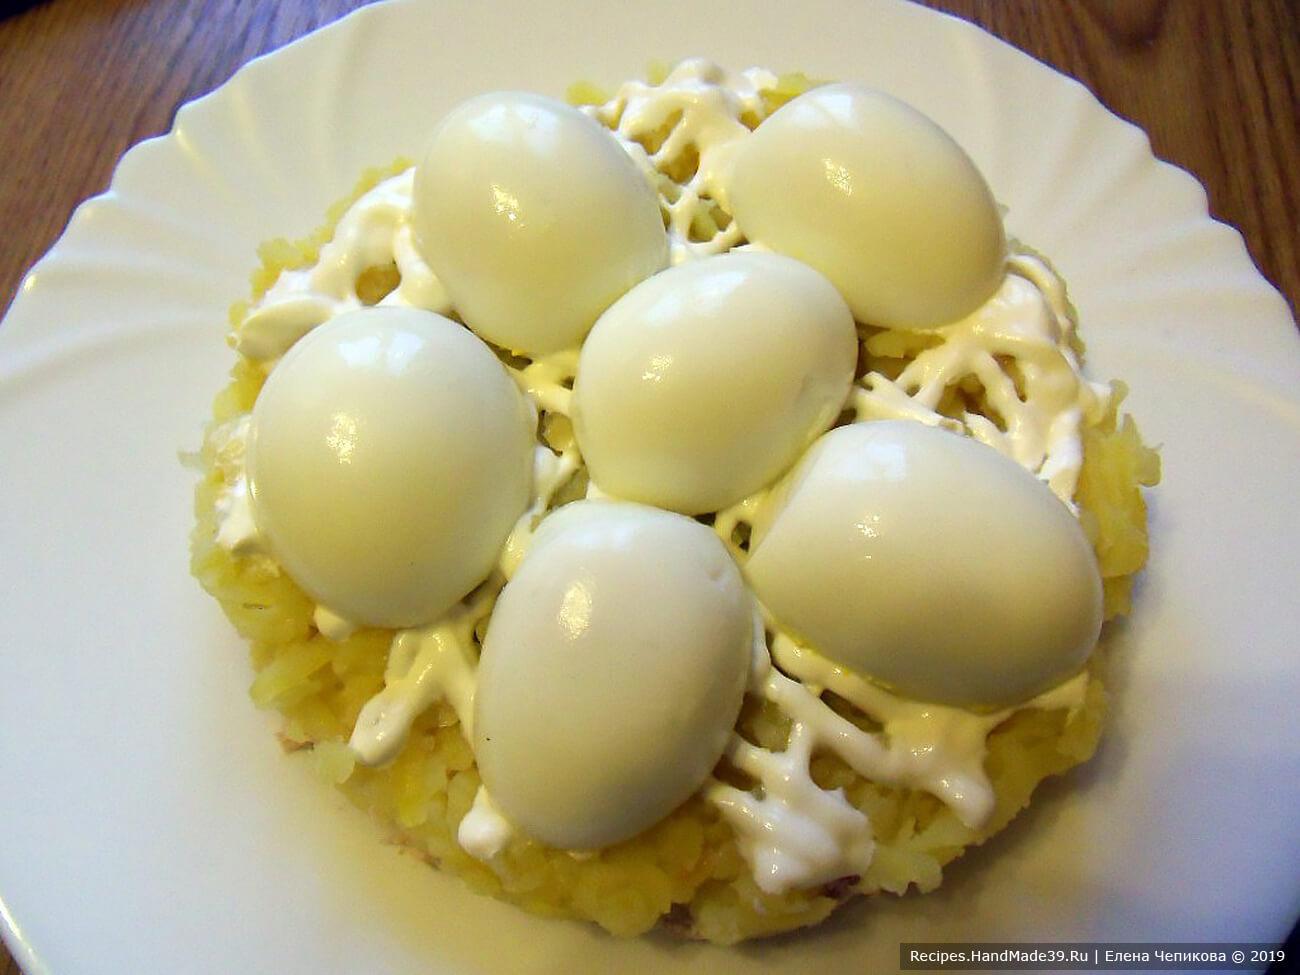 Выложить на картофельный слой фаршированные яйца начинкой вниз. Не стремитесь к симметрии – в природе сугробы располагаются хаотично